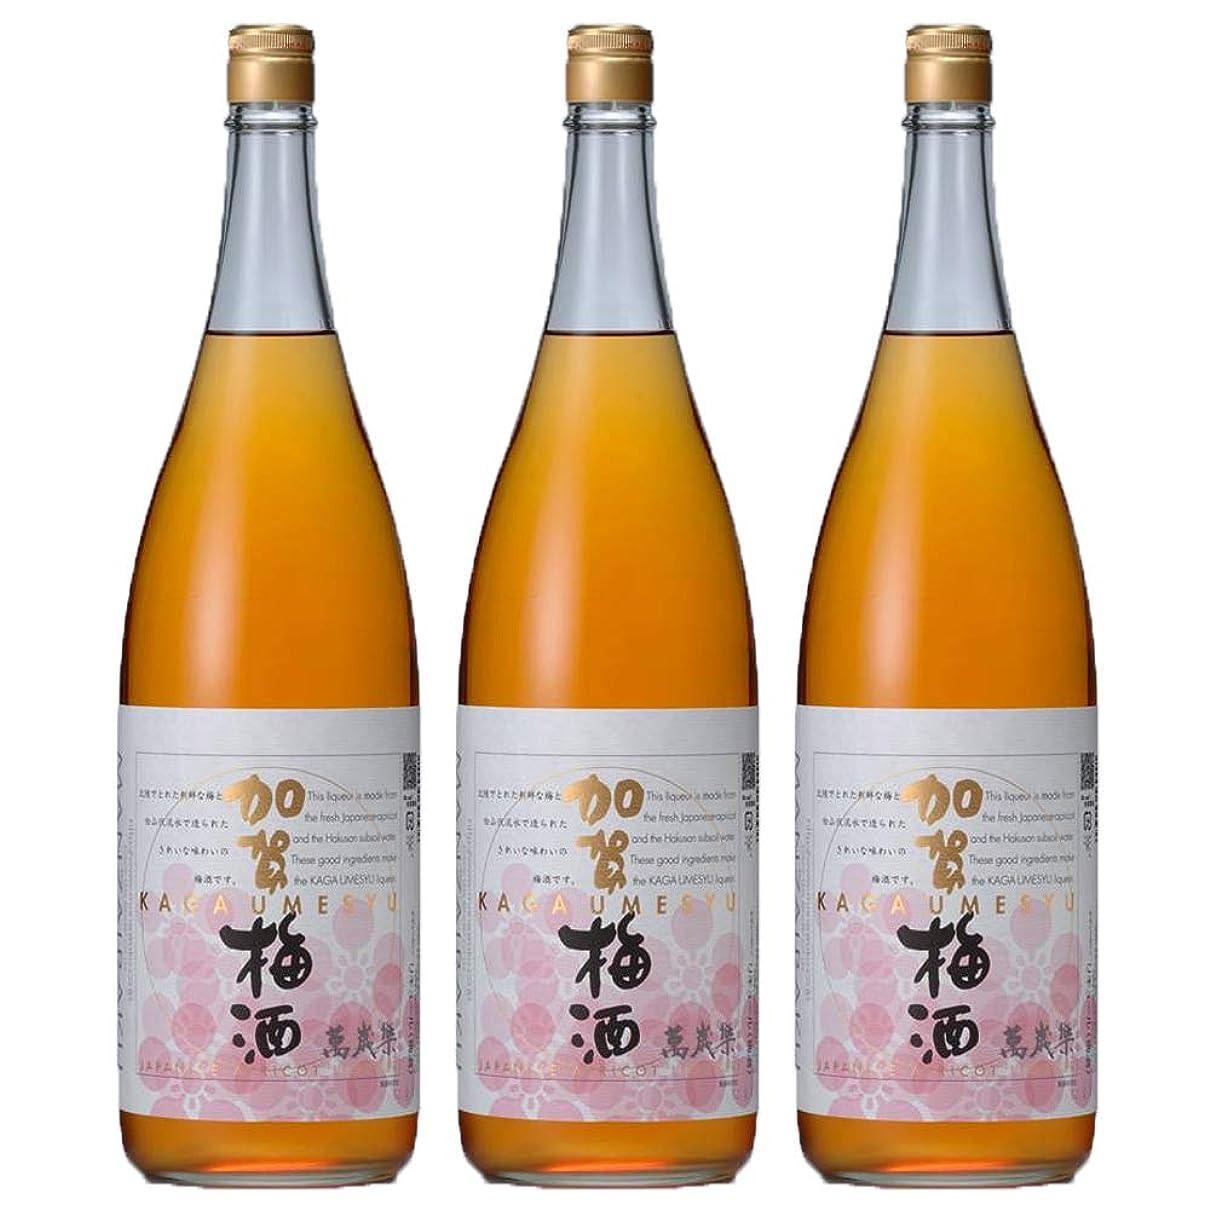 敏感な区別する垂直萬歳楽 加賀梅酒 1800ml(瓶) (3本)